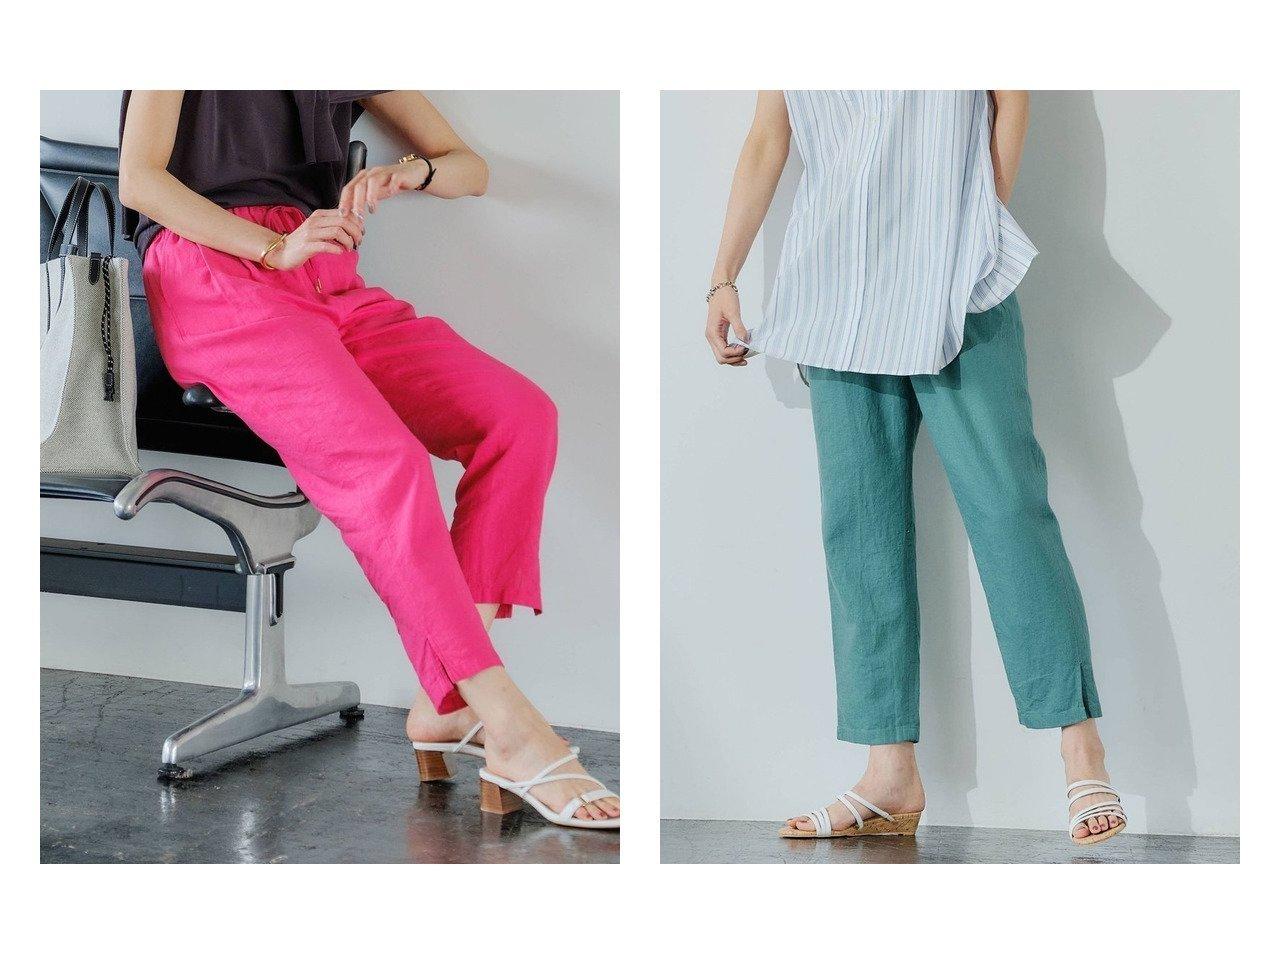 【green label relaxing / UNITED ARROWS/グリーンレーベル リラクシング / ユナイテッドアローズ】のVIS イージー テーパード パンツ 36・38サイズ 【パンツ】おすすめ!人気、トレンド・レディースファッションの通販 おすすめで人気の流行・トレンド、ファッションの通販商品 インテリア・家具・メンズファッション・キッズファッション・レディースファッション・服の通販 founy(ファニー) https://founy.com/ ファッション Fashion レディースファッション WOMEN パンツ Pants ギャザー クッション 今季 シンプル ジーンズ スリット テーパード メタル リラックス ルーズ NEW・新作・新着・新入荷 New Arrivals おすすめ Recommend お家時間・ステイホーム Home Time/Stay Home  ID:crp329100000049935